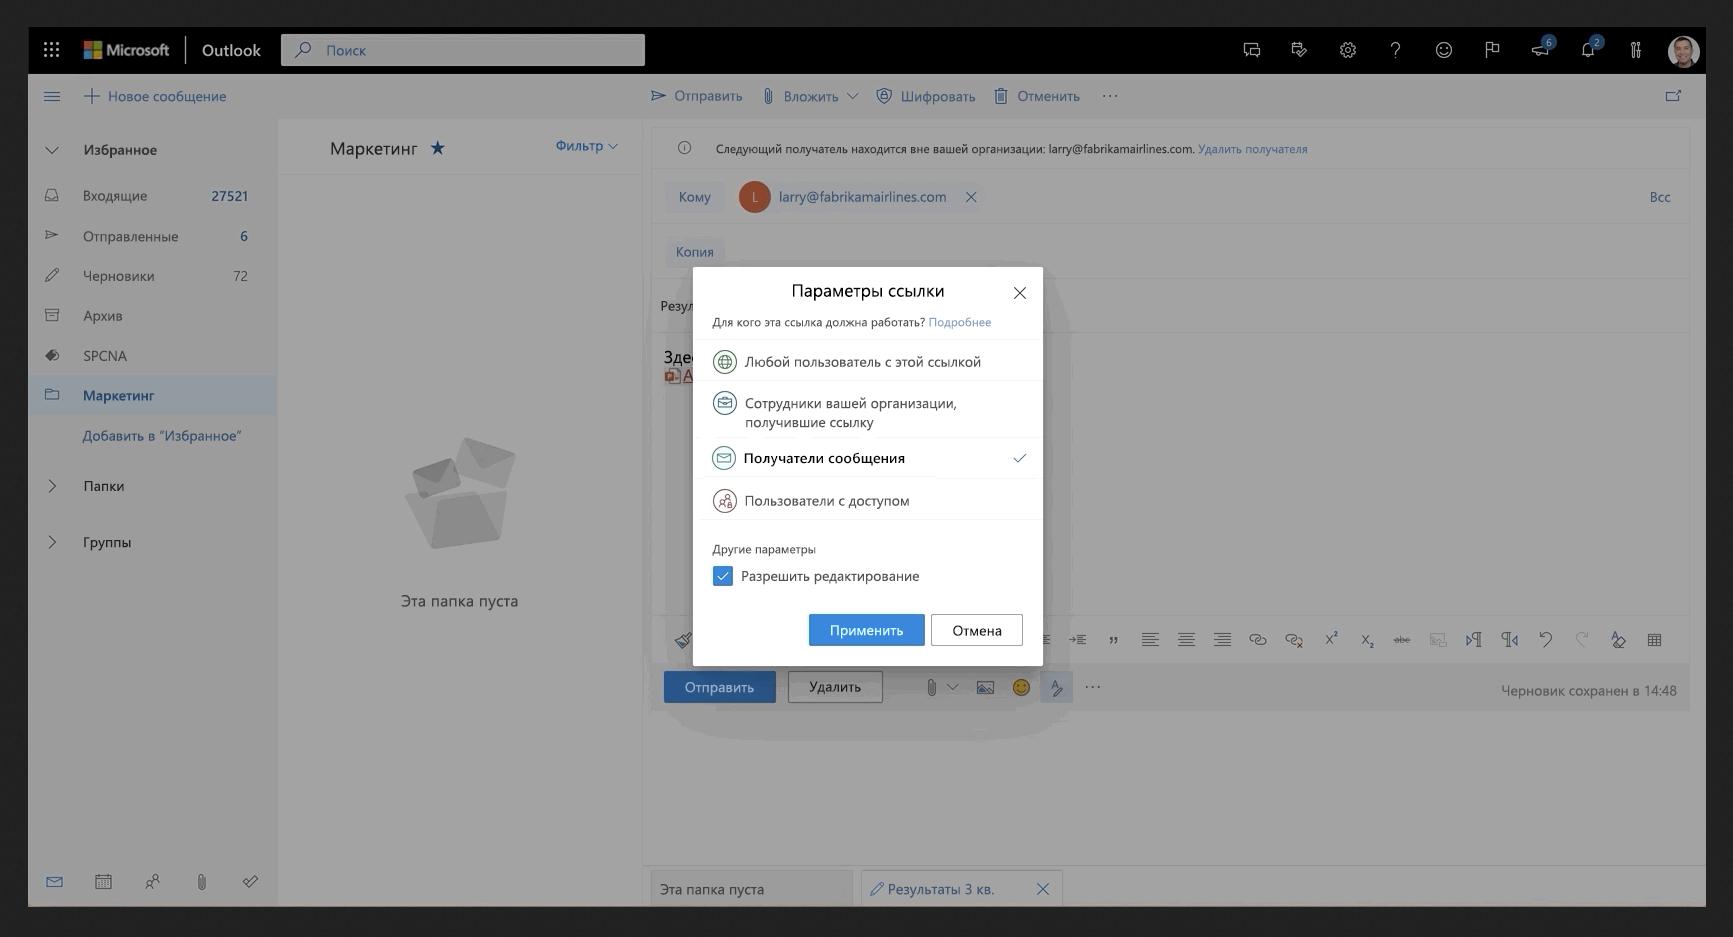 Изображение файла, к которому предоставлен общий доступ, в Outlook.